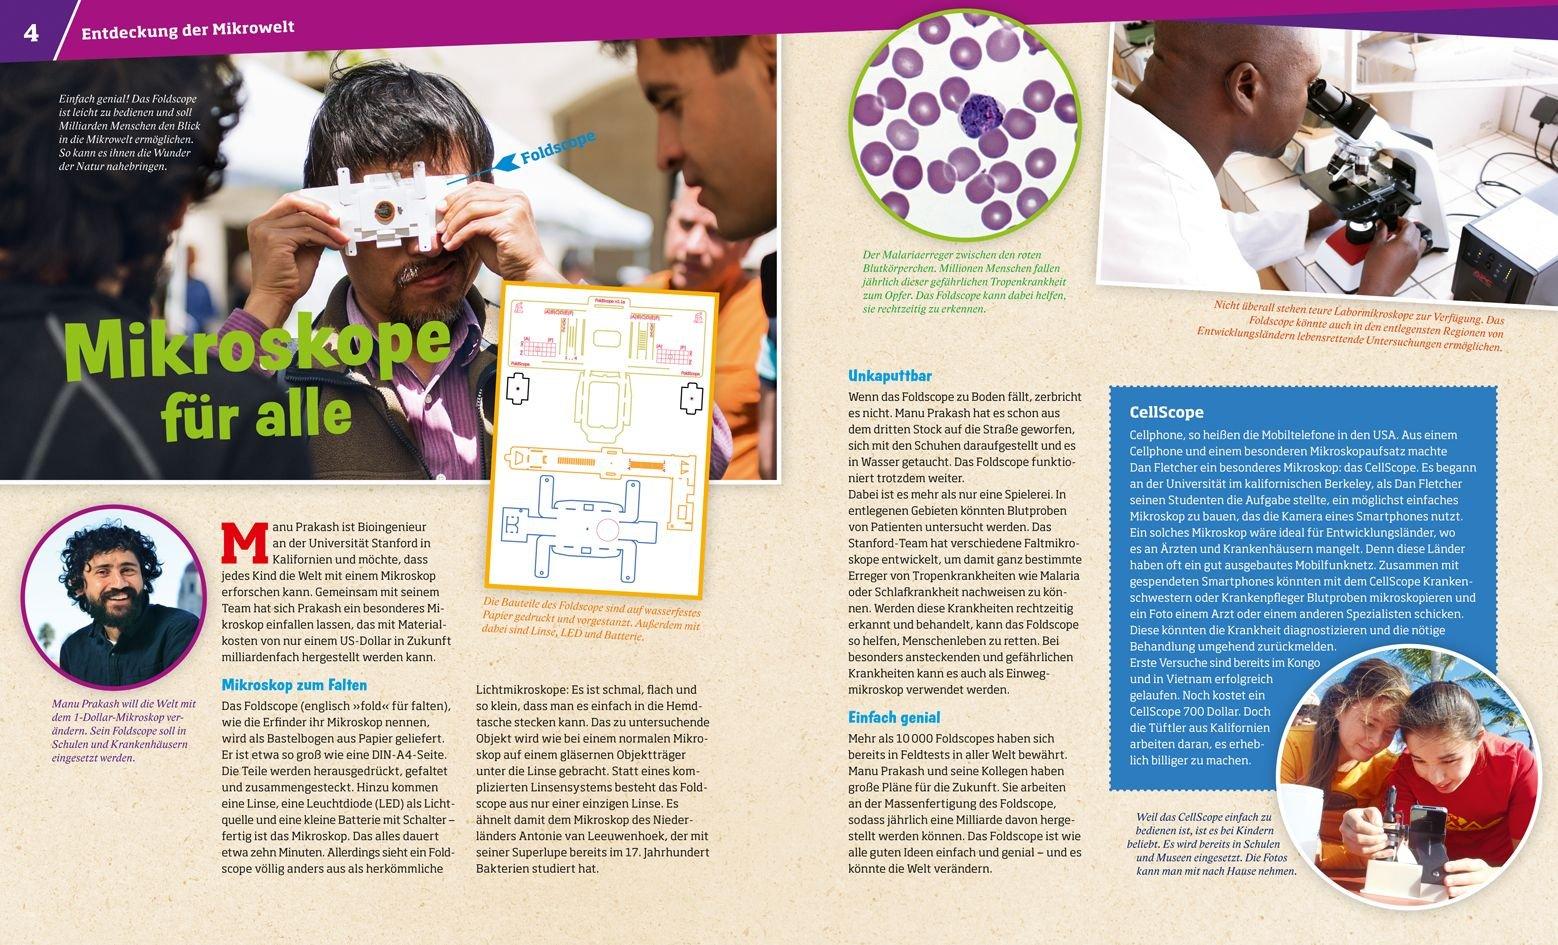 Blut mikroskop bilder und stockfotos istock